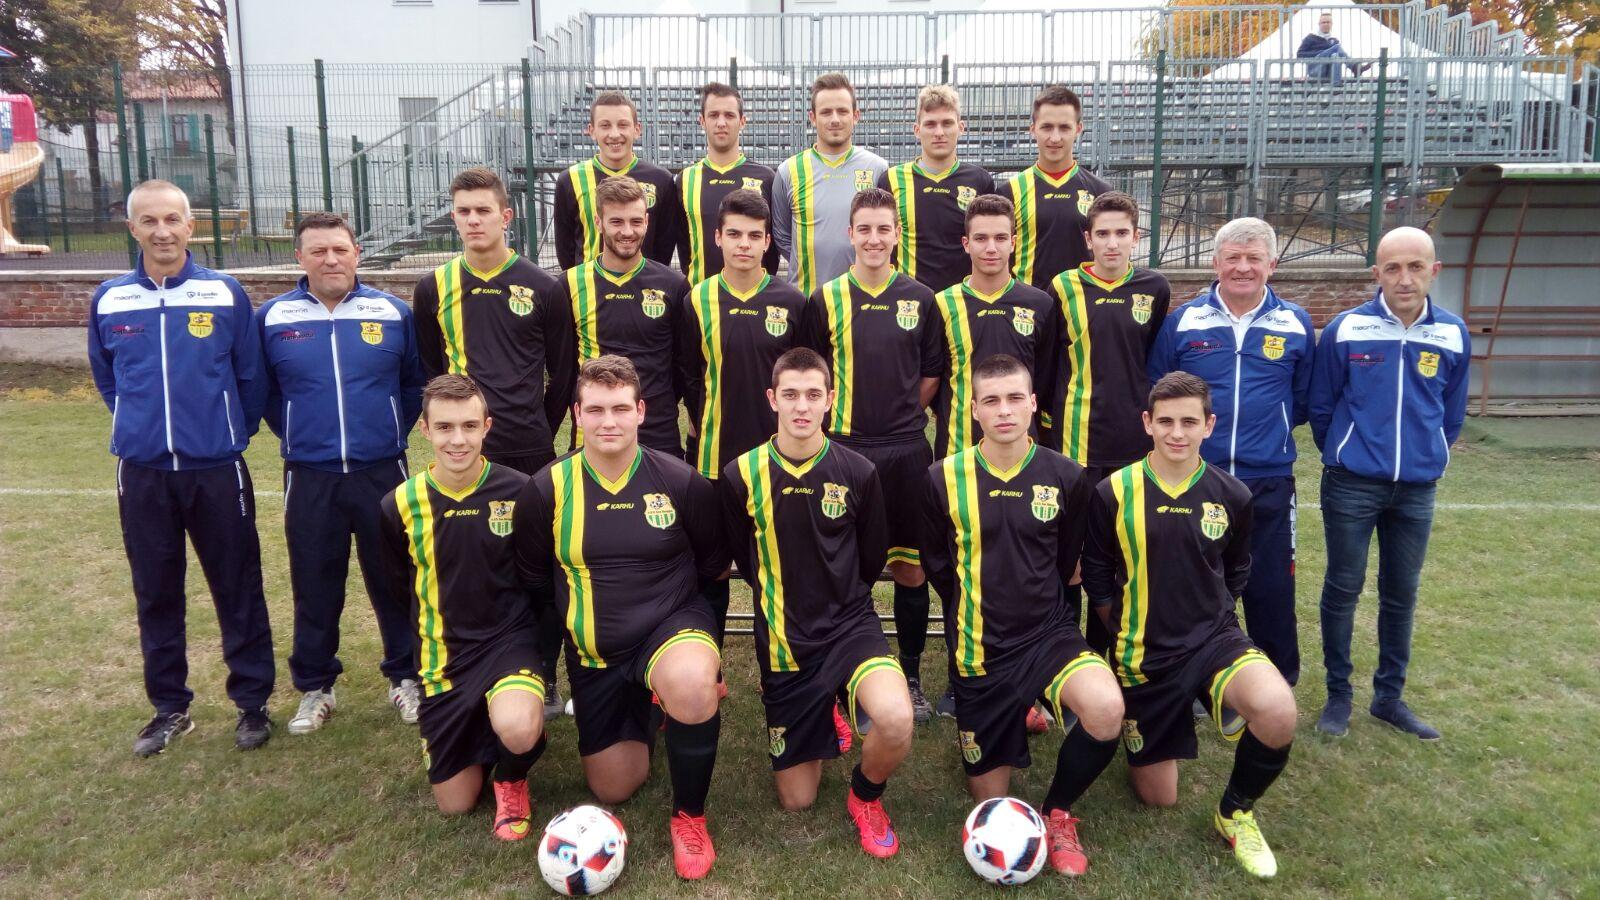 La Guida - Il programma gare del calcio giovanile